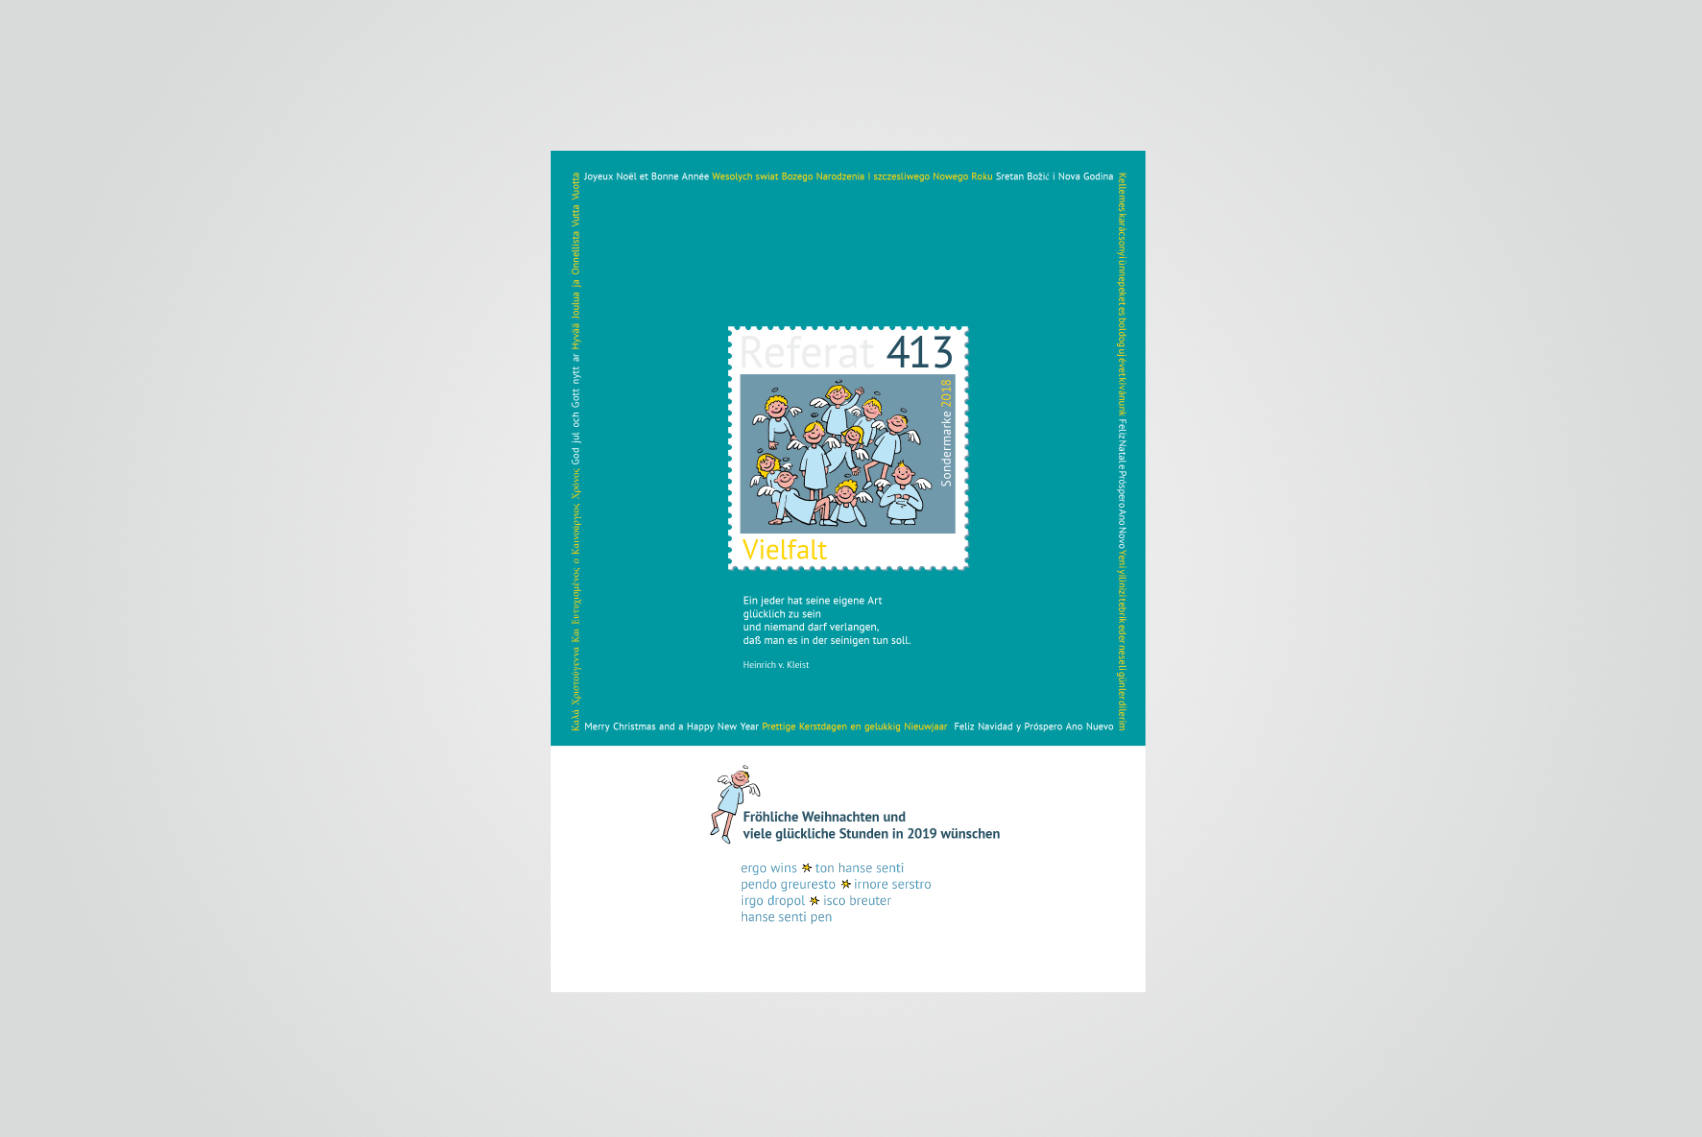 ministerium-bildung-nrw-weihnachtsgruss-illustration-09-neu.jpg